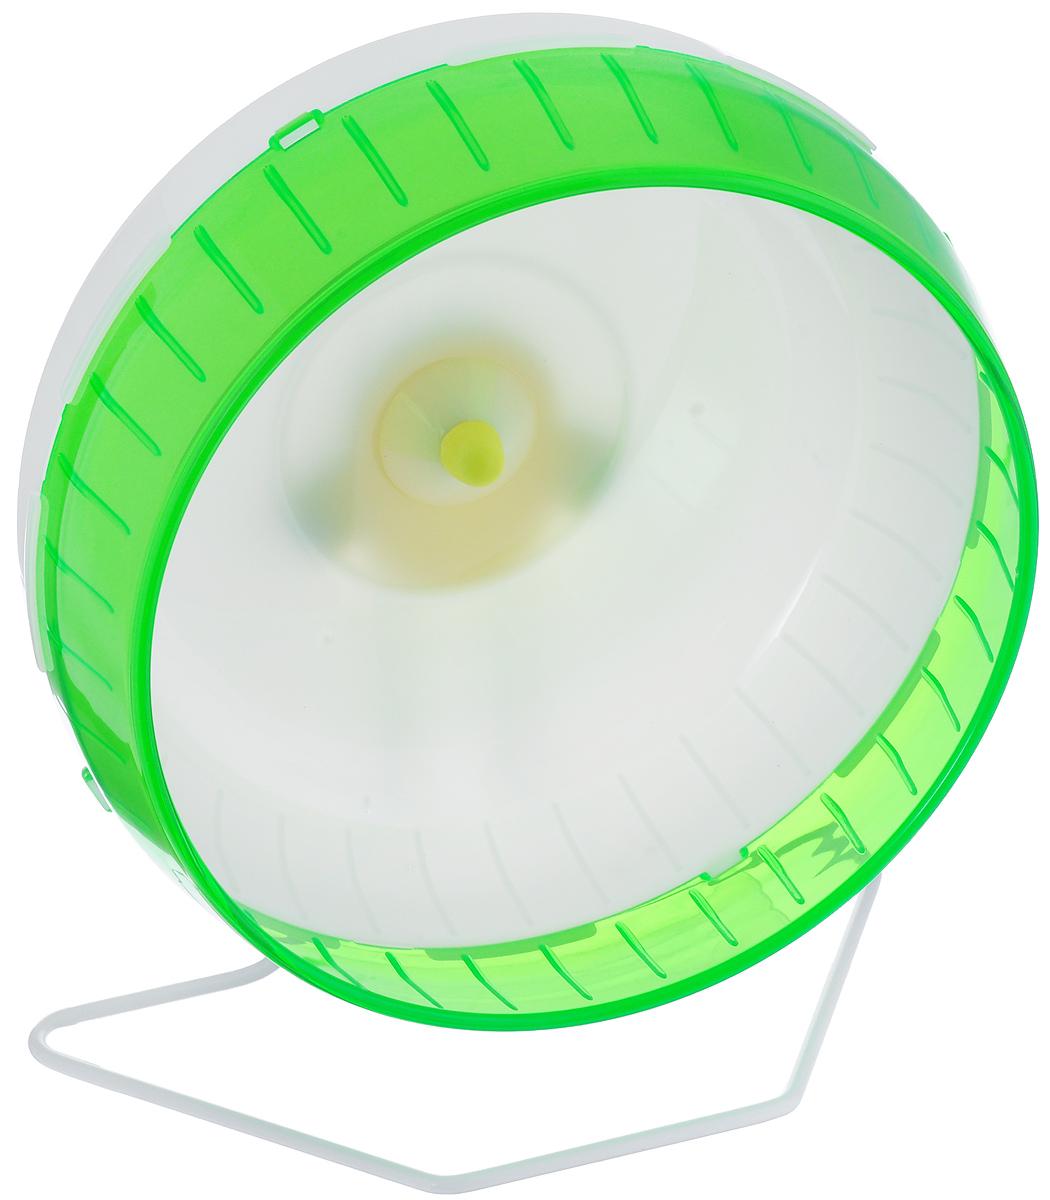 Колесо для грызунов I.P.T.S., цвет: белый, зеленый, 29 см285154Колесо для грызунов I.P.T.S. - удобно и бесшумно, с высоким уровнем безопасности. Поместив его в клетку, вы обеспечите своему питомцу необходимую физическую активность. Сплошная внутренняя поверхность без щелей убережет питомца от возможных травм. Можно установить на подставку или прикрепить к решетке. Колесо можно использовать для сирийских хомяков, дегу, крыс или молодых шиншилл. Диаметр колеса: 29 см.